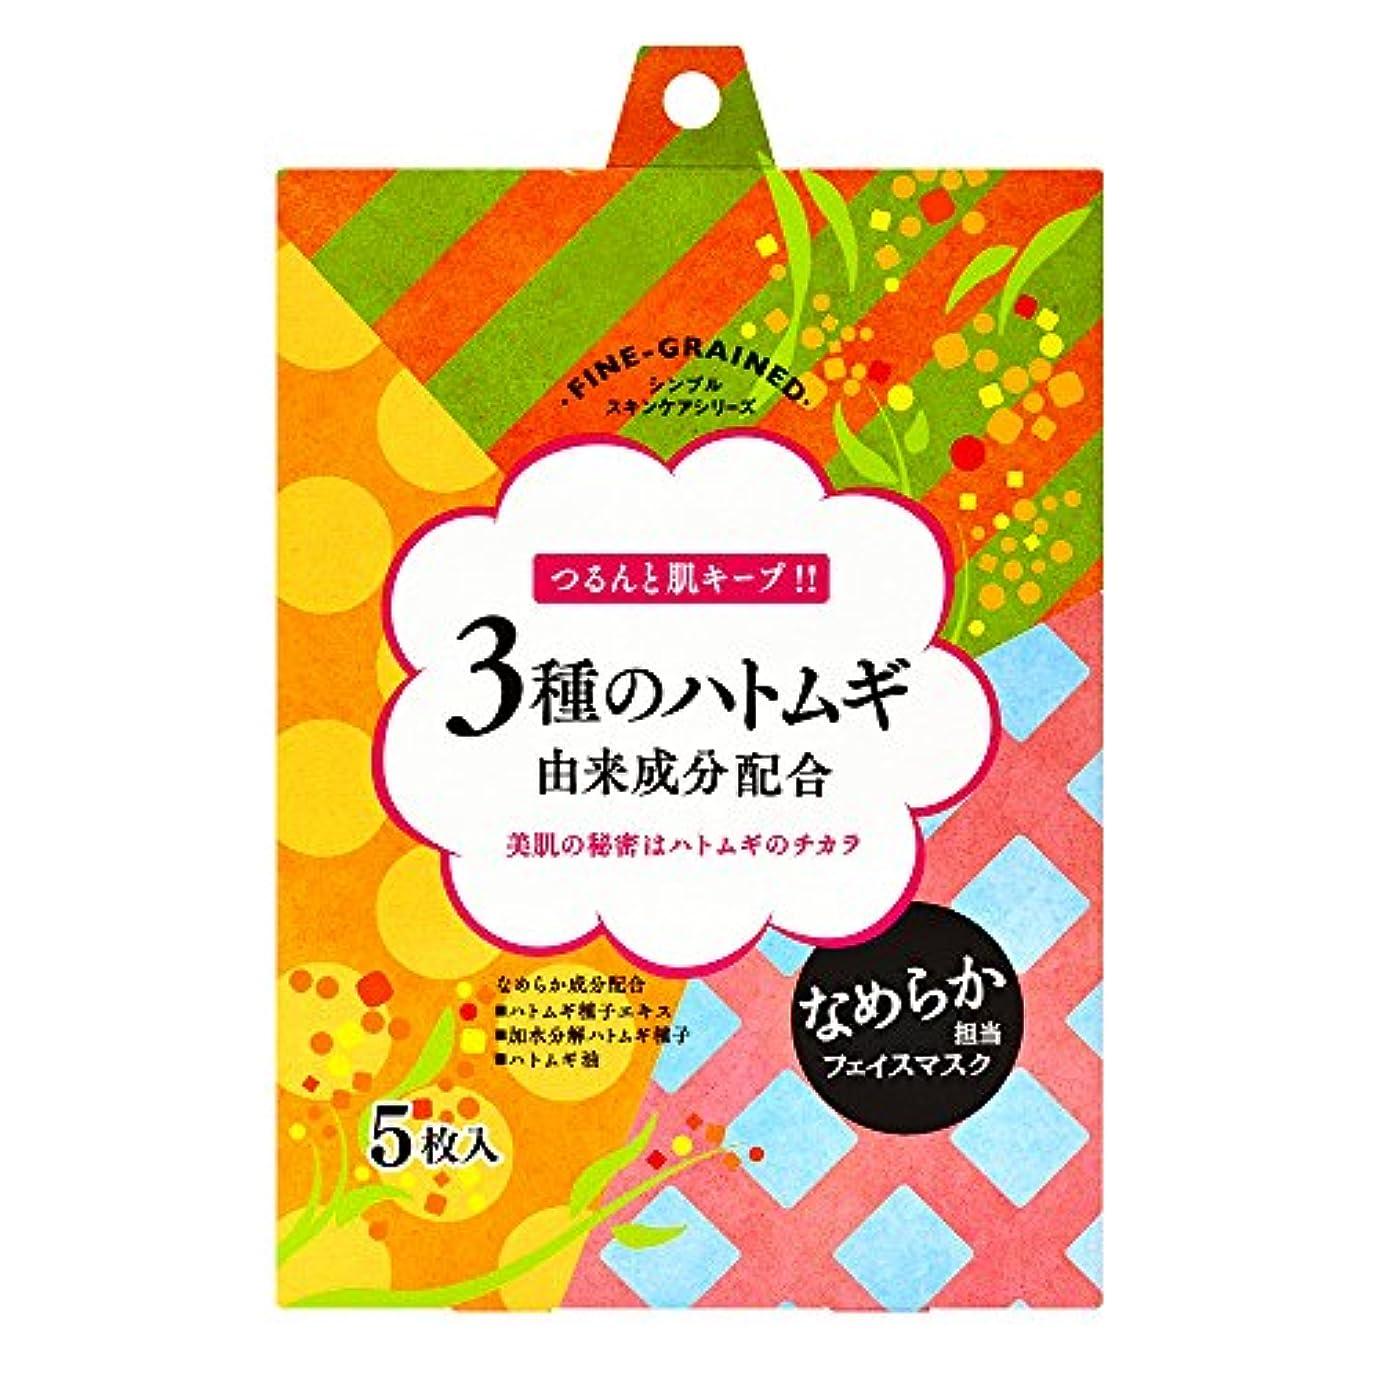 出版だらしないミキサーFINE GRAINED 3種のハトムギ由来成分フェイスマスク 1枚入×5袋